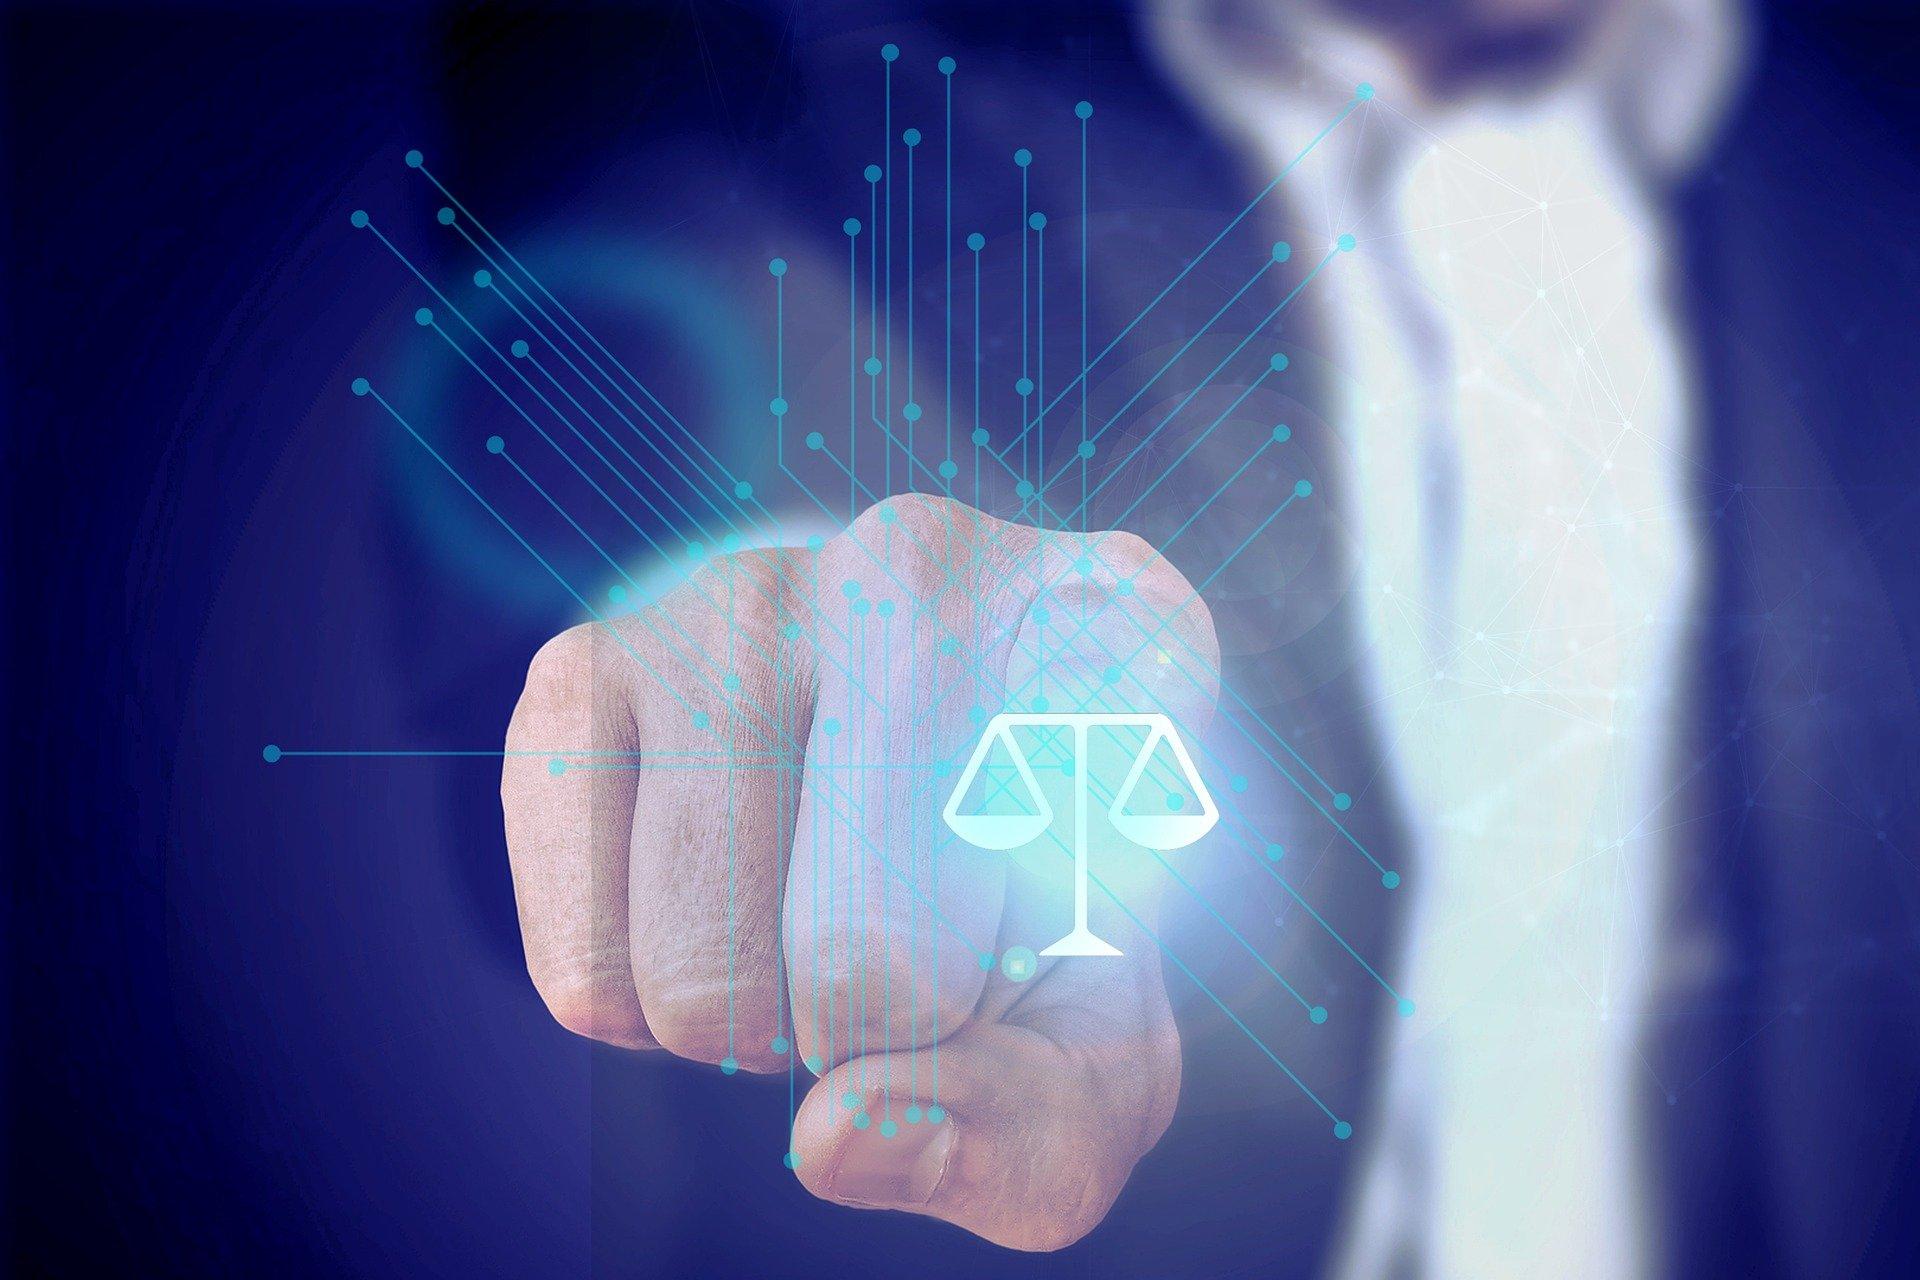 Avvocato Ibrido e CyberEthics. Tra nuove competenze e nuove responsabilità